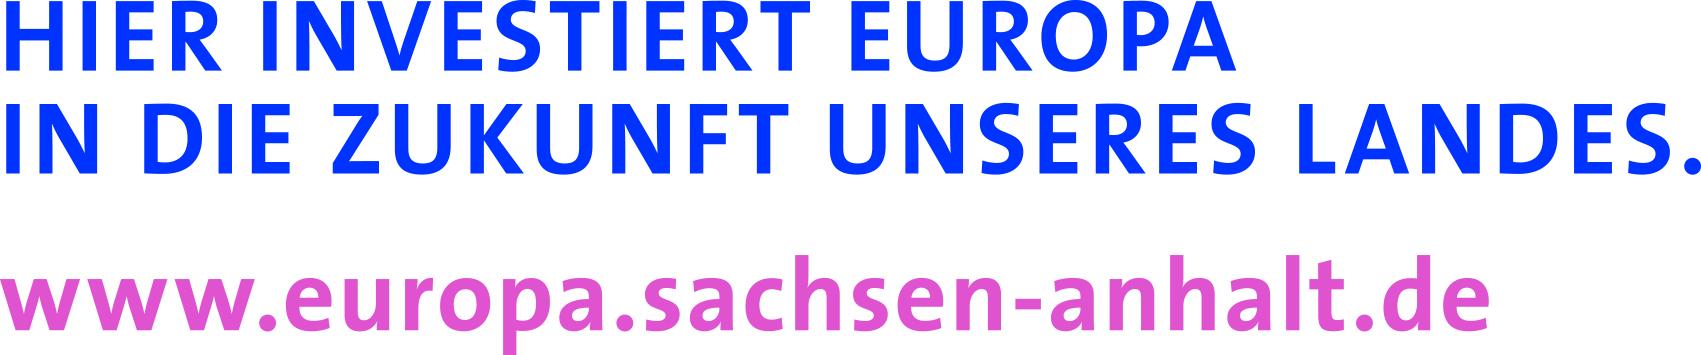 ESF hier.investiert.europa.in.d.zukunft 4c print